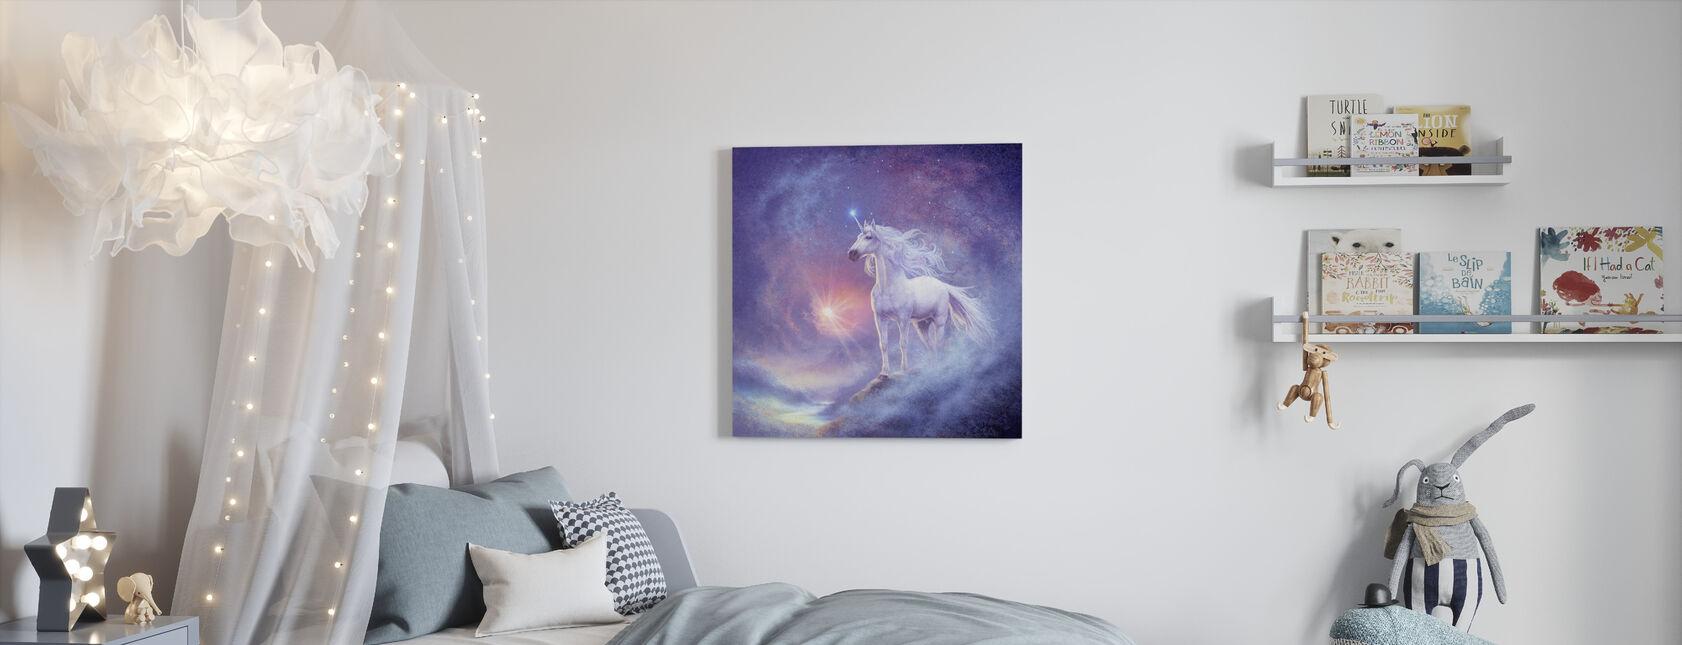 Astral Enhörning - Canvastavla - Barnrum